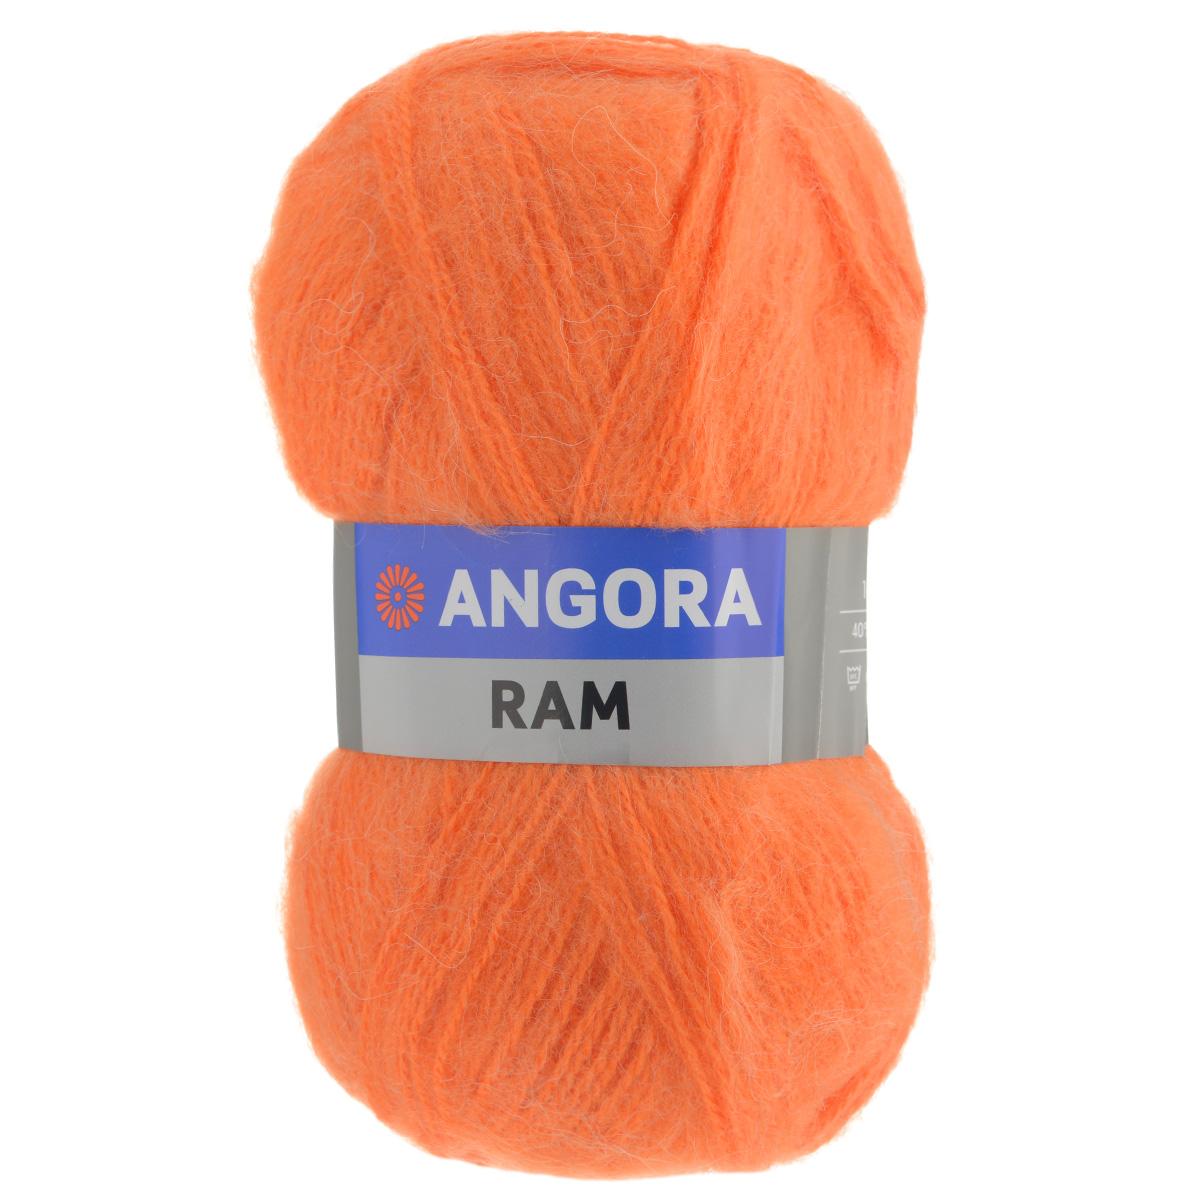 Пряжа для вязания YarnArt Angora Ram, цвет: морковный (3067), 500 м, 100 г, 5 шт372037_8273Пряжа для вязания YarnArt Angora Ram изготовлена из натурального мохера с добавлением акрила. Пряжа из такого материала обладает повышенной прочностью и эластичностью, а изделия получаются теплые и уютные. Скрутка нити плотная, равномерная, не расслаивается, не путается, хорошо скользит по спицам, вяжется очень легко. Петли выглядят аккуратно, а натуральный мохер обеспечивает теплоту, легкость и превосходный внешний вид. Нить можно комбинировать с полушерстяными пряжами для смягчения рисунка, придания благородной пушистости фактуре нити, а также для улучшения тепловых характеристик. Благодаря содержанию синтетических волокон, изделия из YarnArt Angora Ram устойчивы к скатыванию, а благодаря своей мягкости такая пряжа подходит для детских вещей. Ажурные вещи сохраняют тепло не хуже плотного вязания, оставаясь легкими и объемными. Рекомендована ручная стирка до 30°C. Рекомендованные спицы и крючок для вязания 4 мм. ...